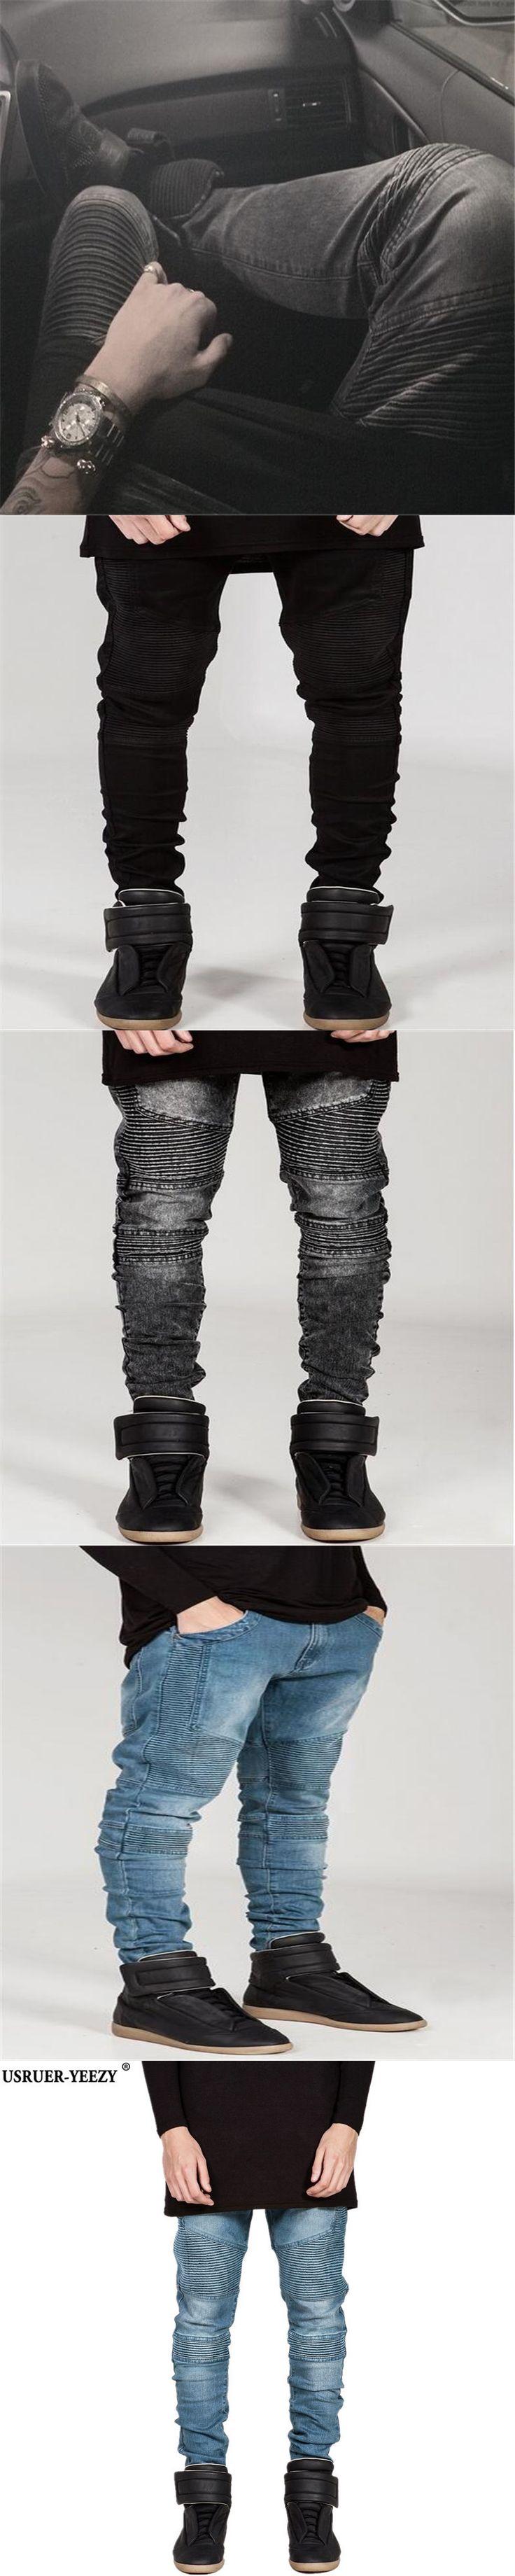 USRUER-YEEZY Biker Jeans Mens Denim Zipper Straight Joggers Jeans Men Strech Slim Fit Quality Jeans Blue Hip Hop Motorcycle Pant